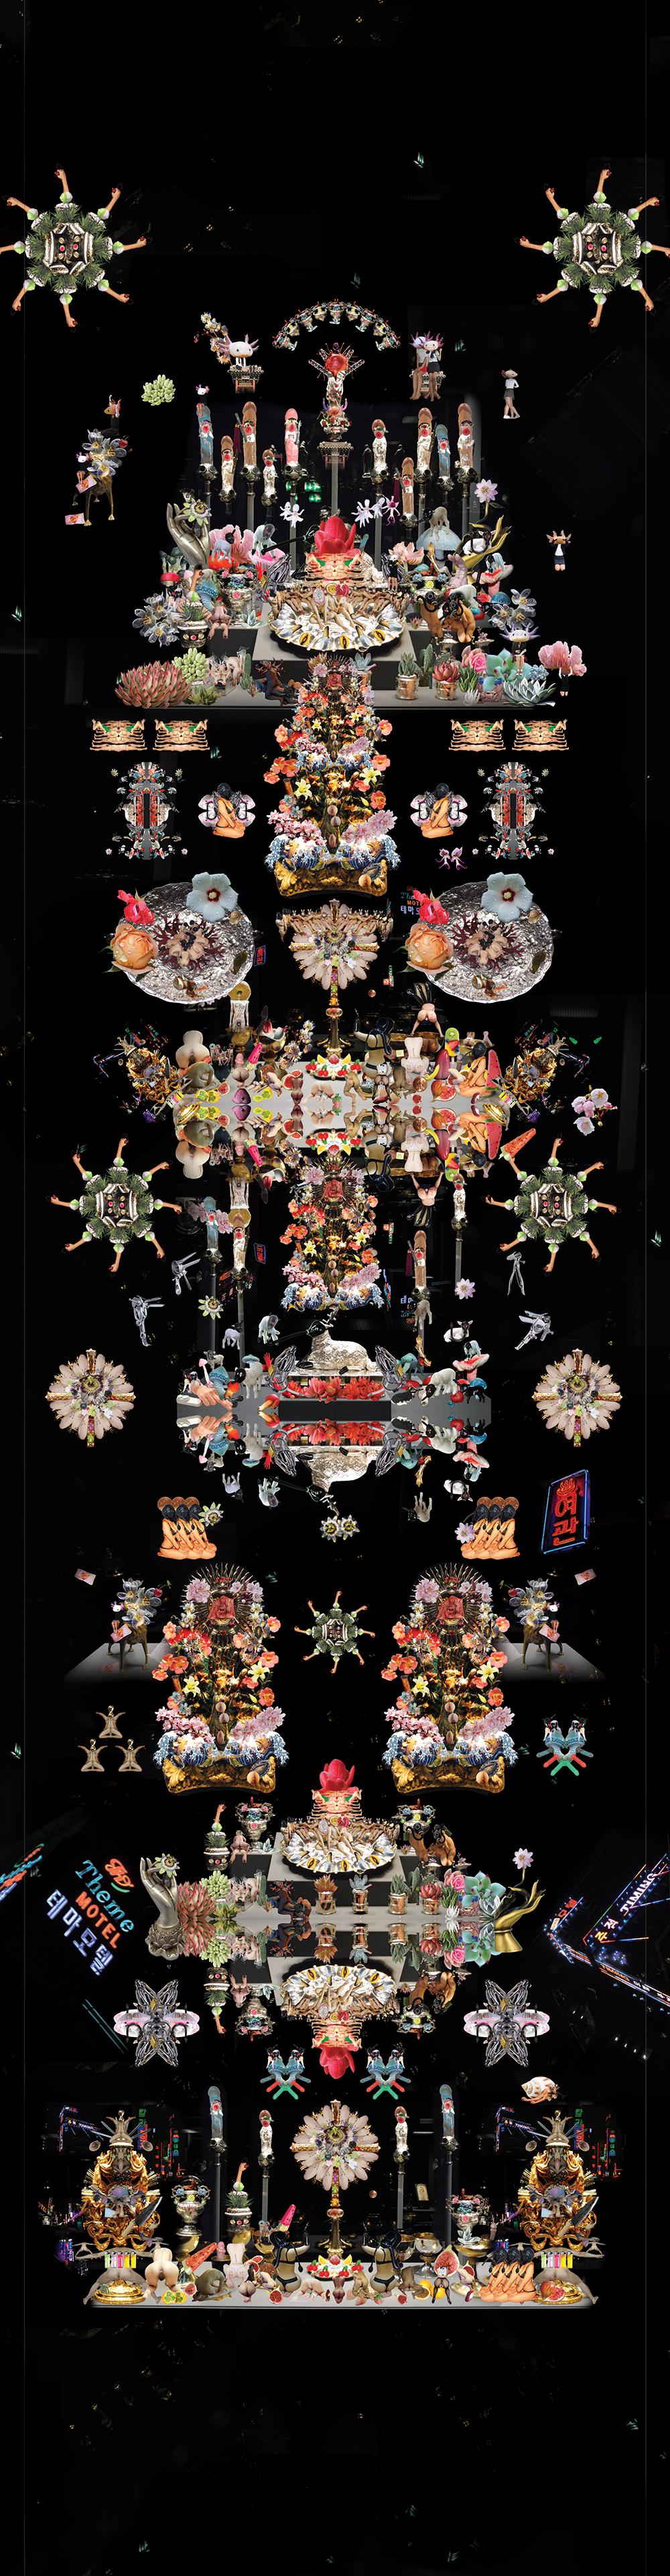 Agnus dei qui tollis peccata mundi_2016_digital collage printed on matt paper